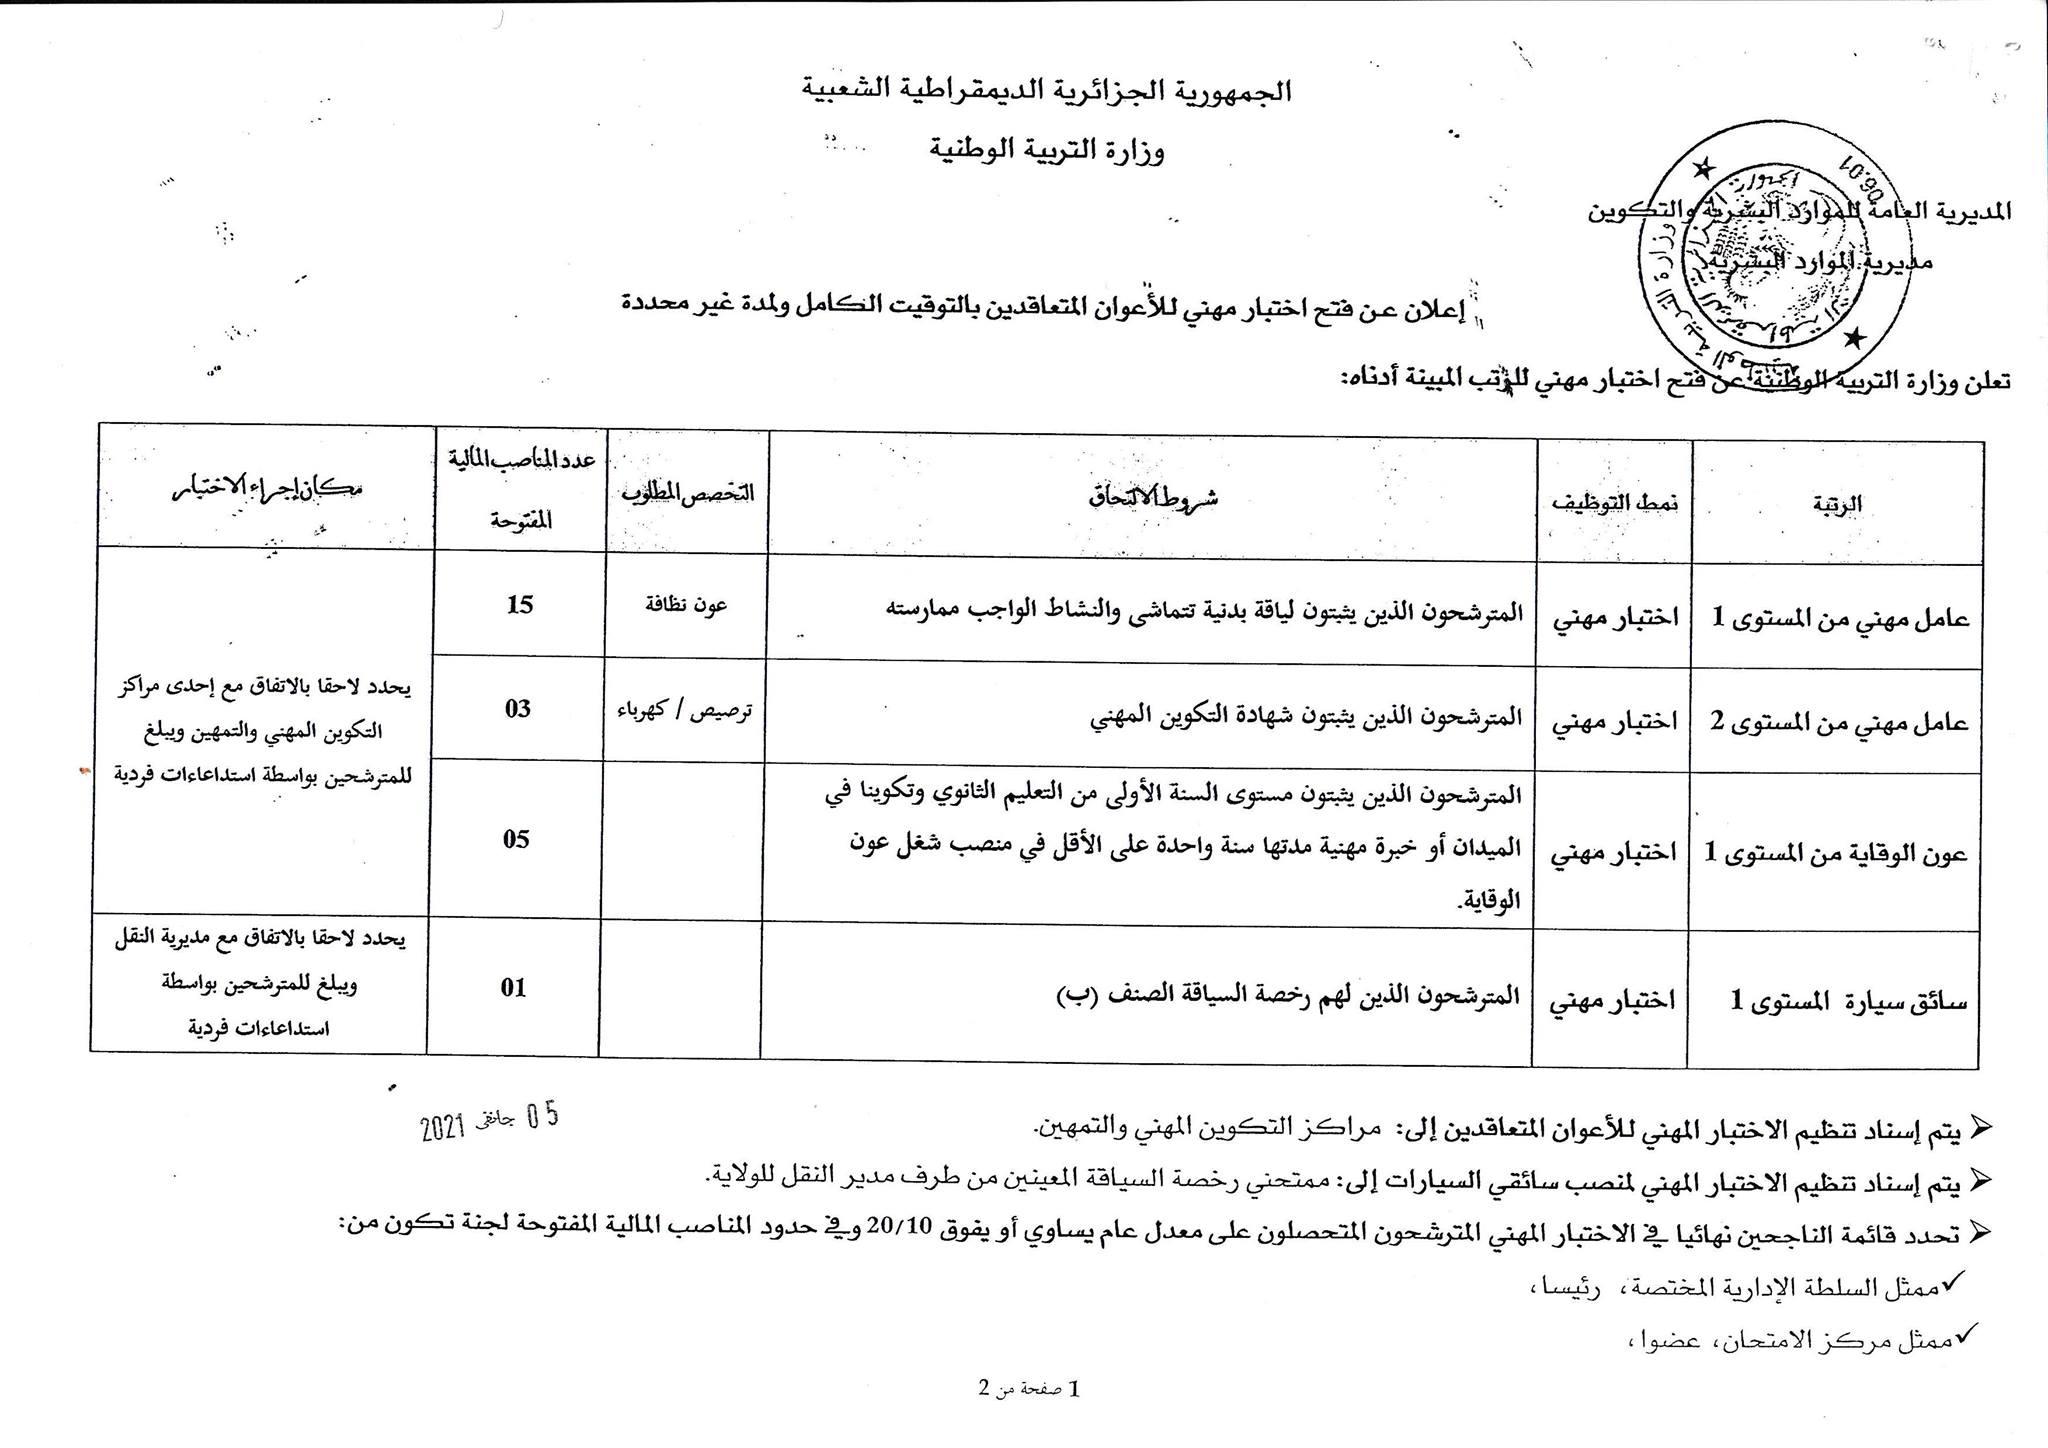 المسابقة 02: اعلان توظيف بوزارة التربية بمقرها بالقبة بالجزائر العاصمة 10 جانفي 2021